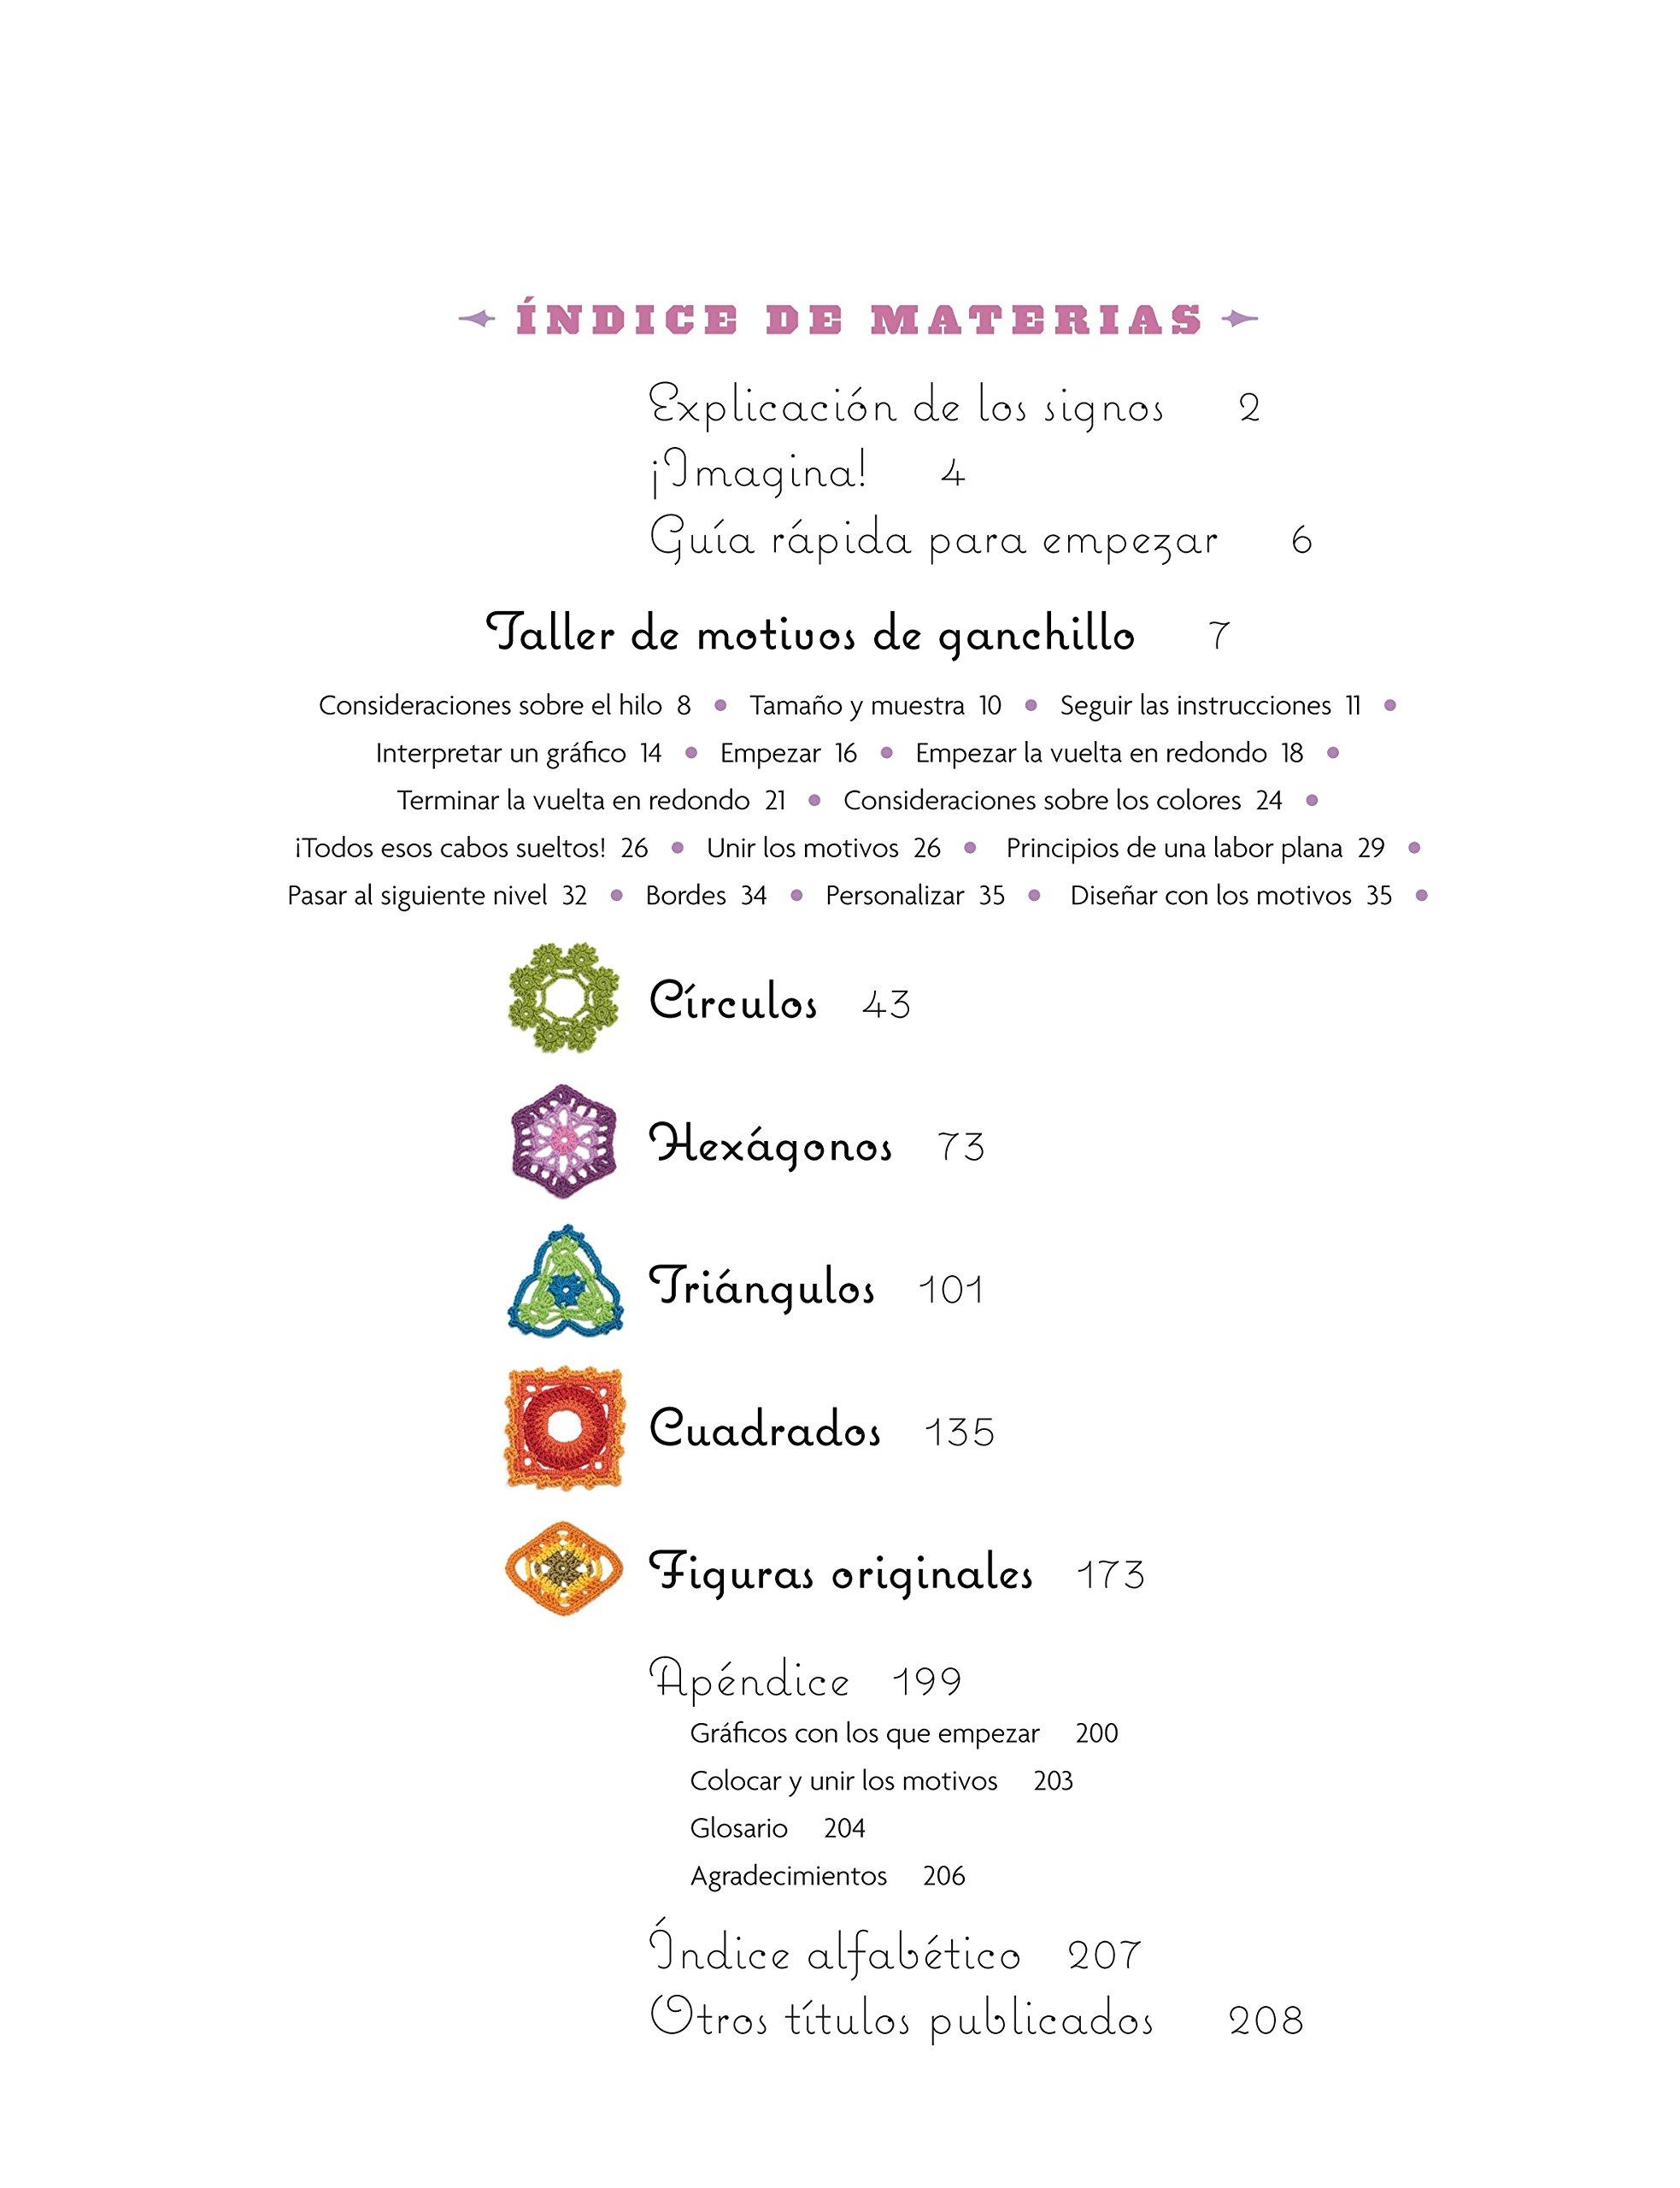 El Gran Libro De Motivos De Ganchillo (El Libro De..): Amazon.es ...